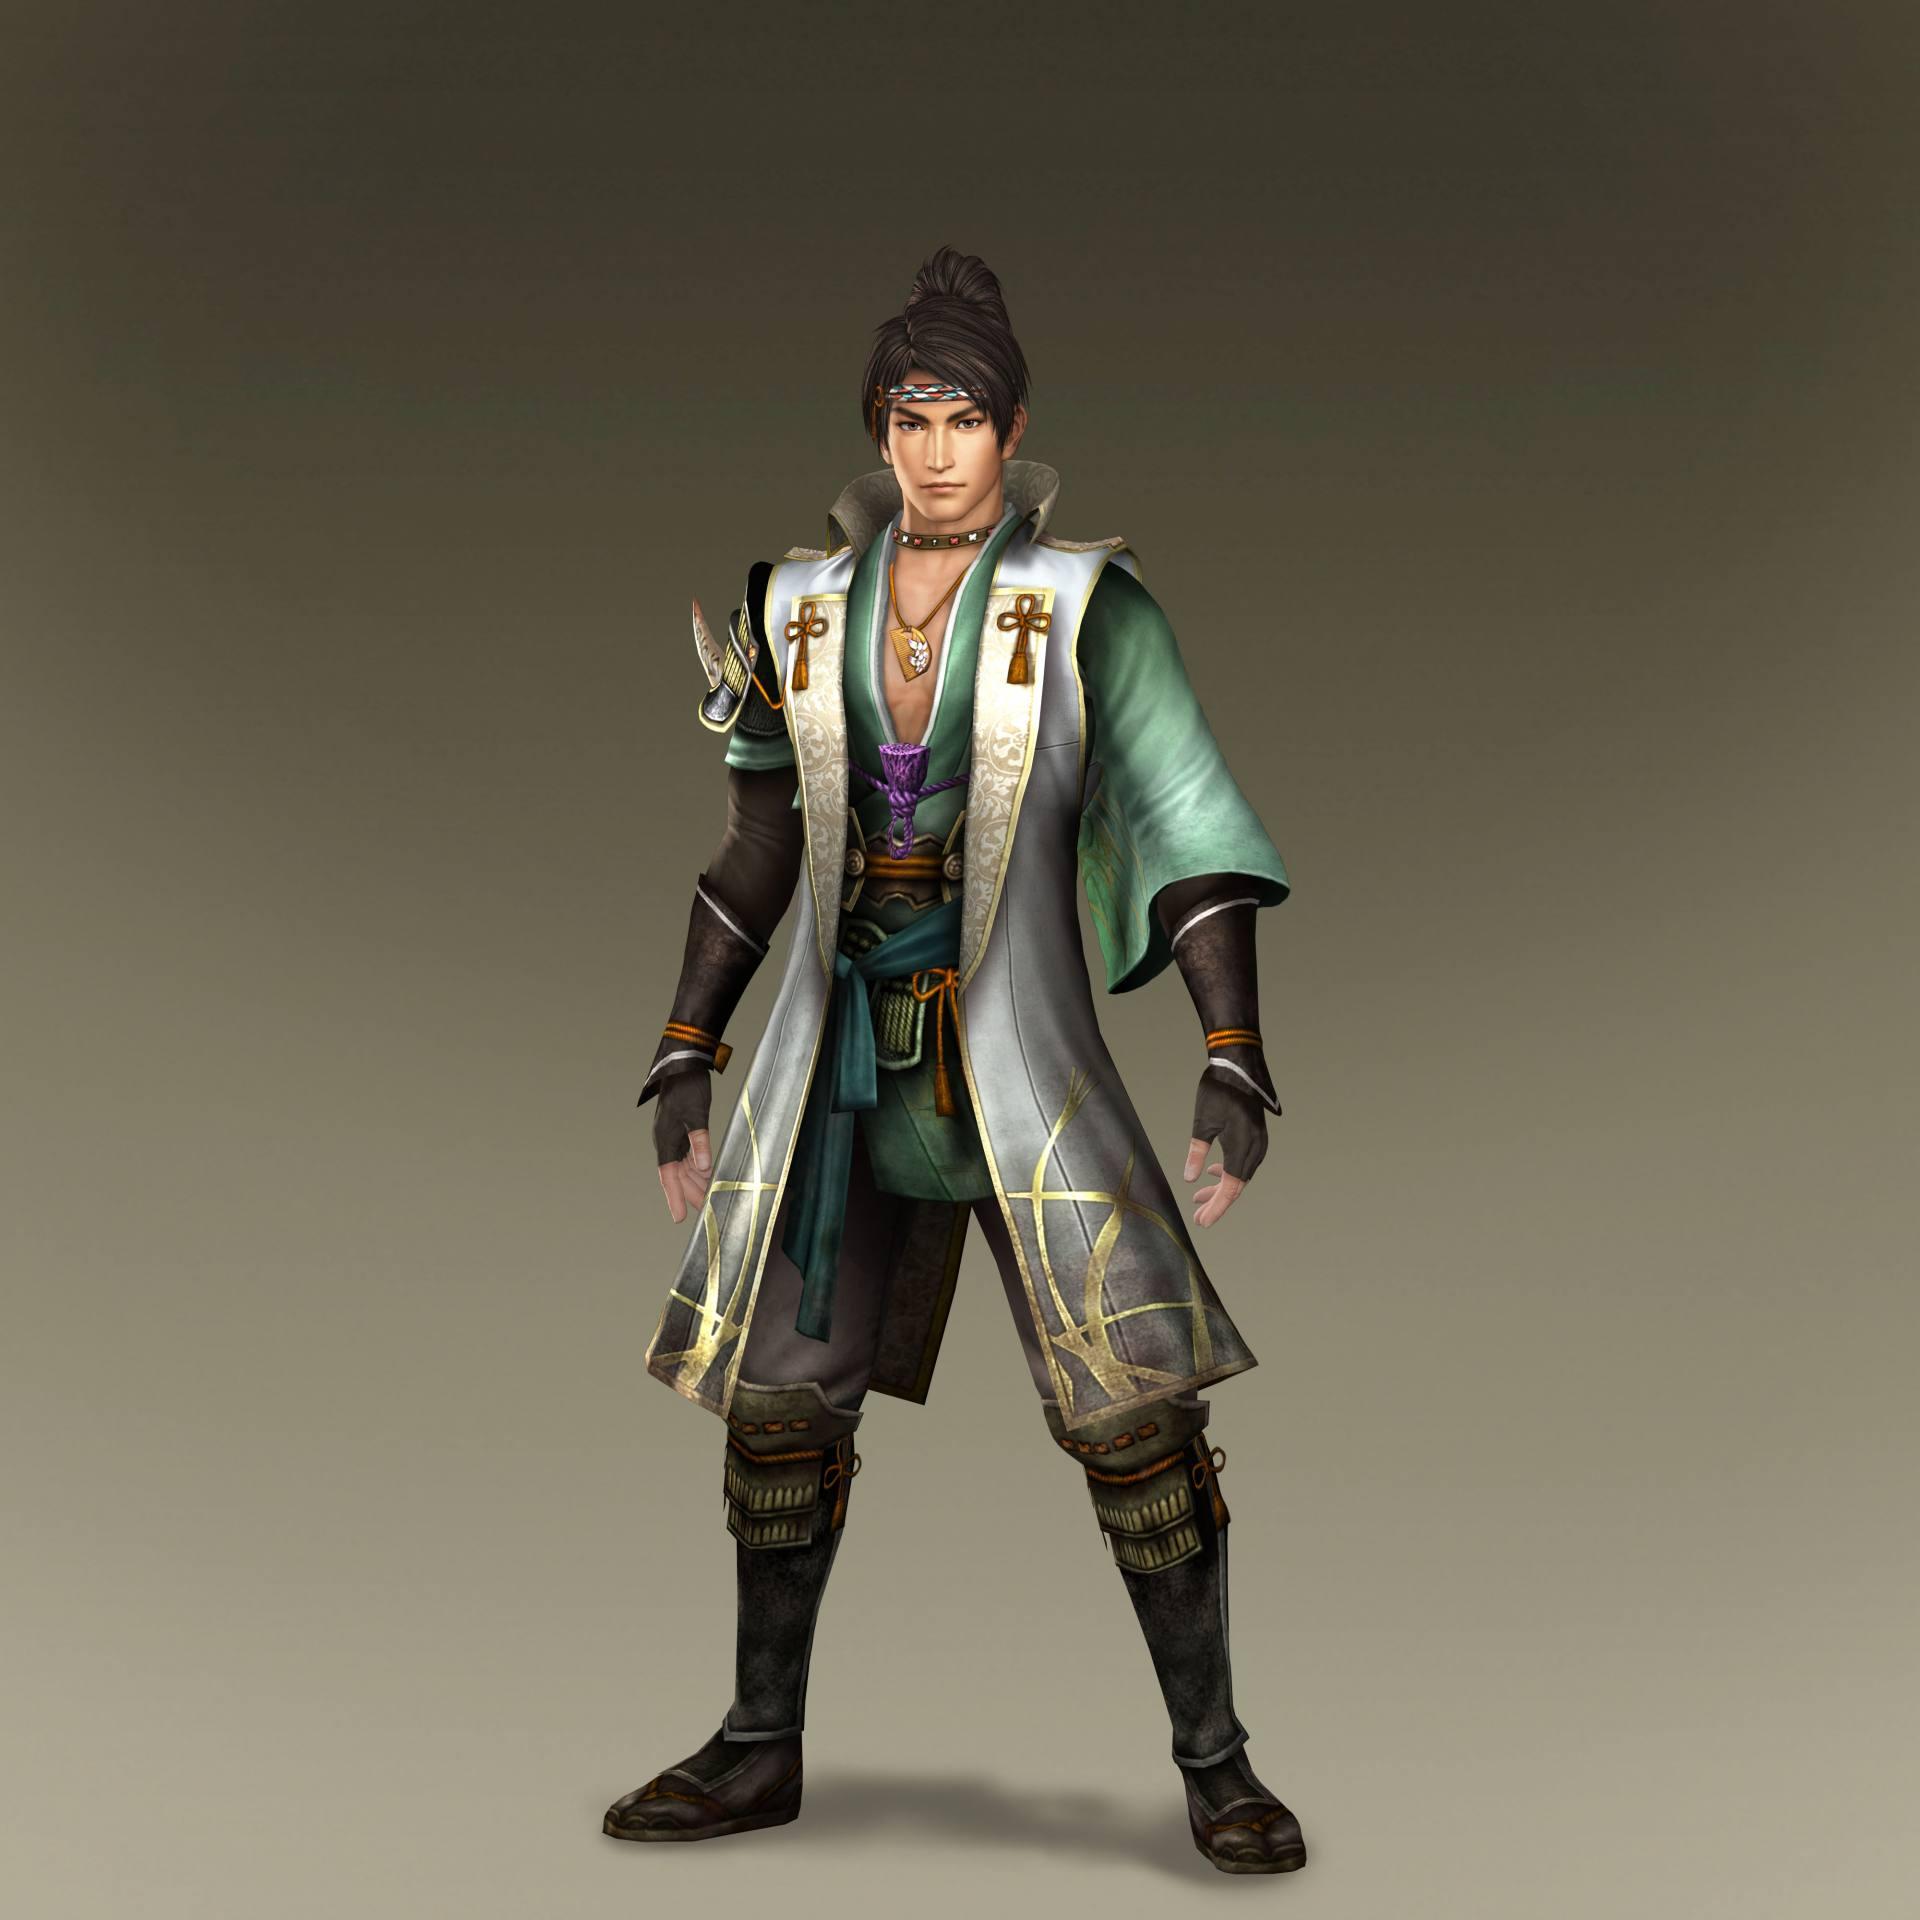 Toukiden Kiwami 23-01-15 020